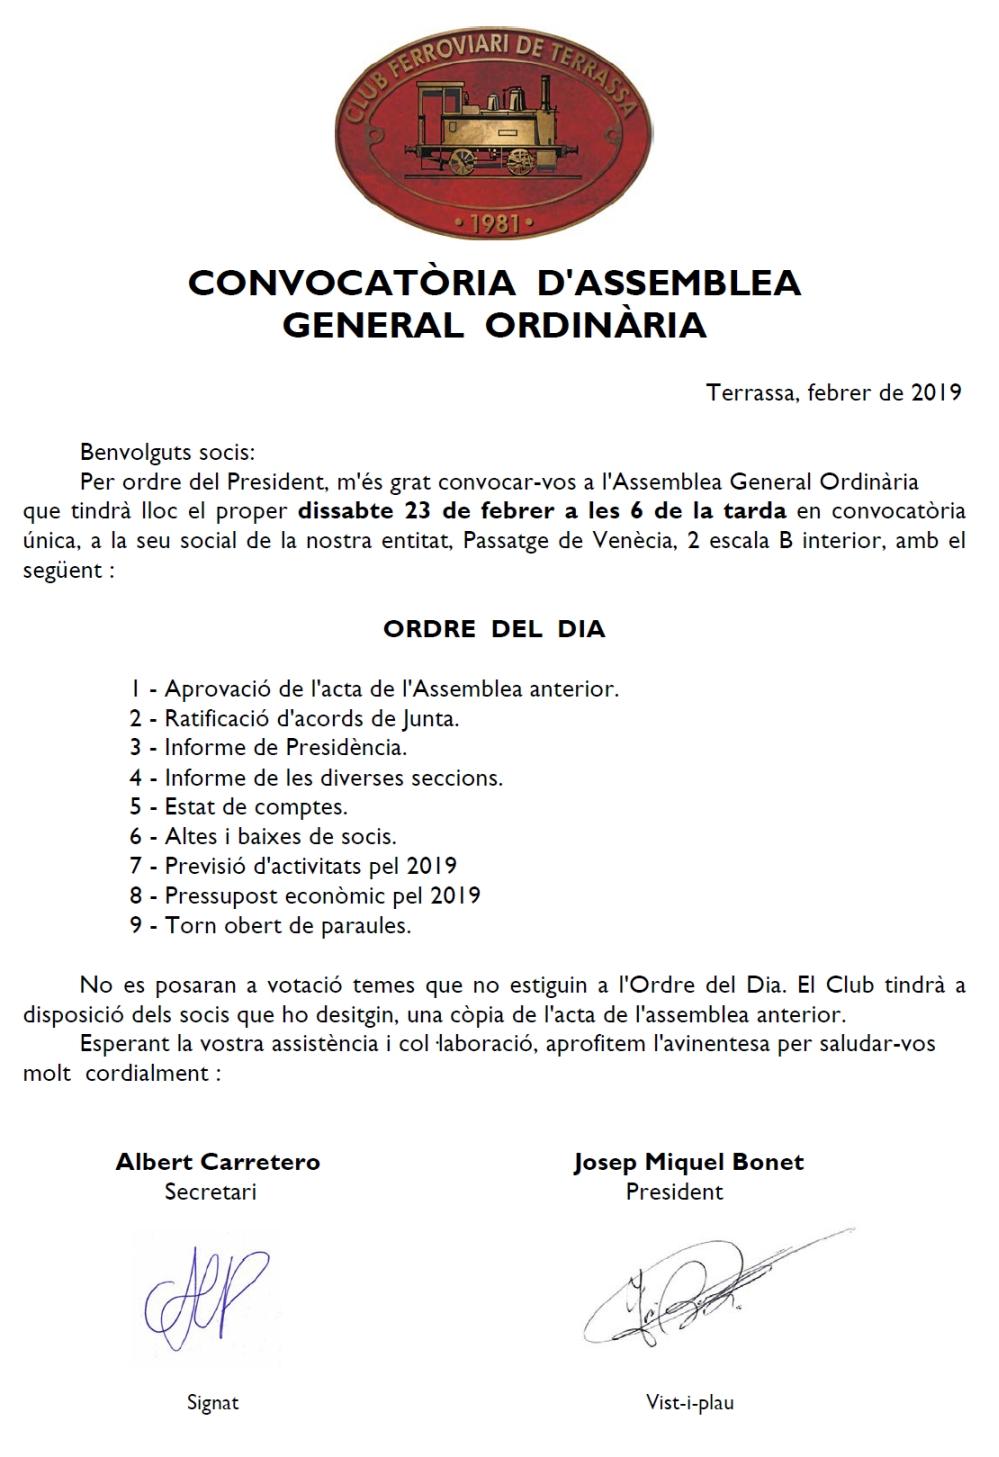 Convocatòria a l'Assamblea General Ordinària del Club Ferroviari de Terrassa.